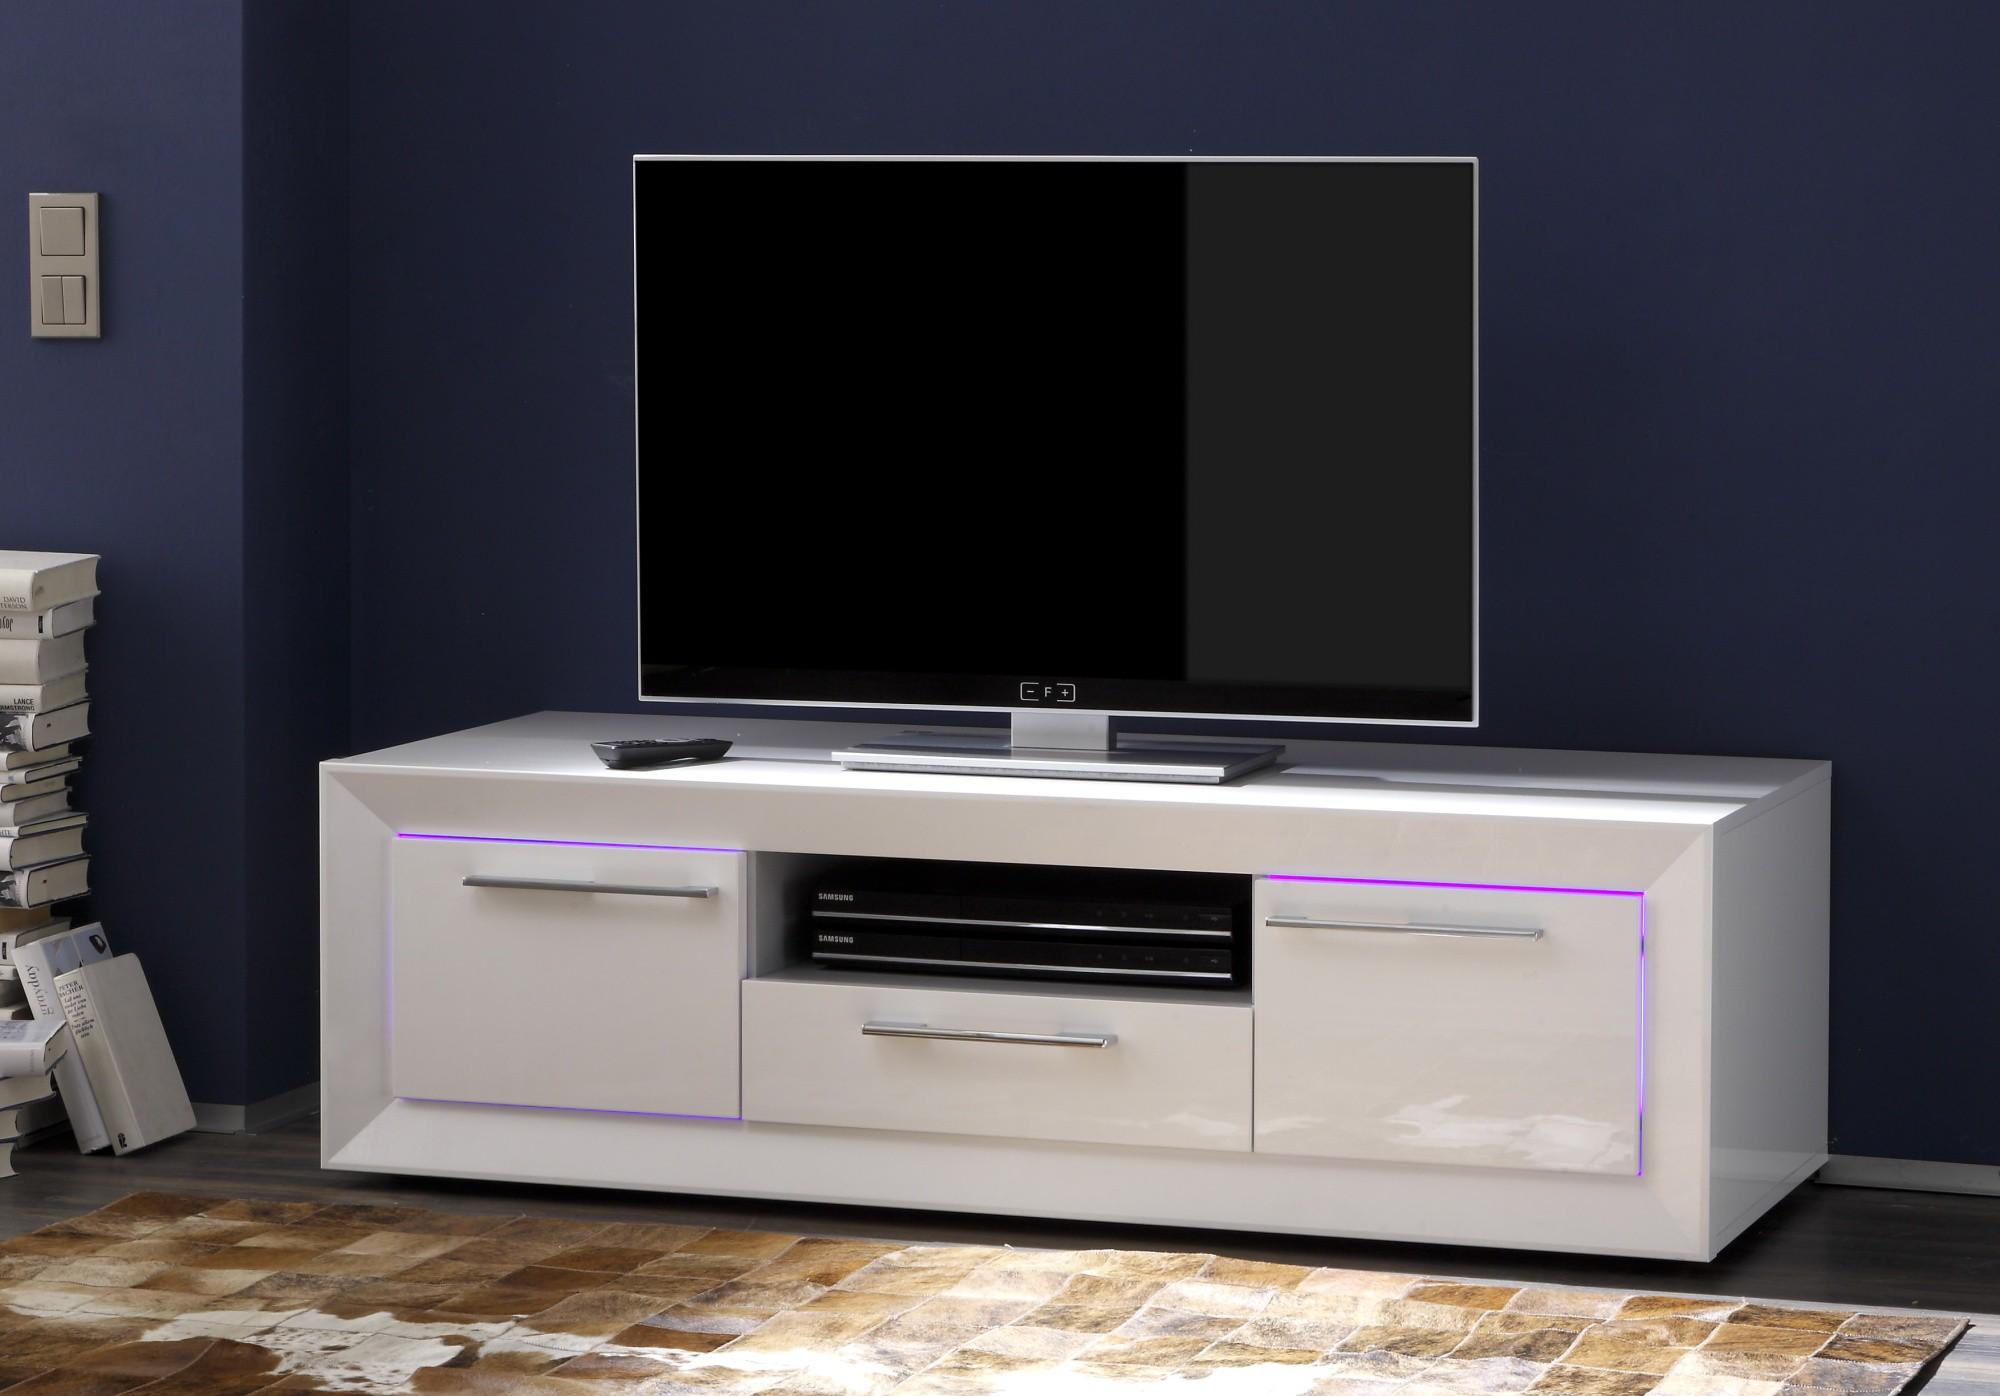 Meuble Tv Hifi Maison Et Mobilier D Int Rieur # Meuble Tv Blanc Laque Pas Cher